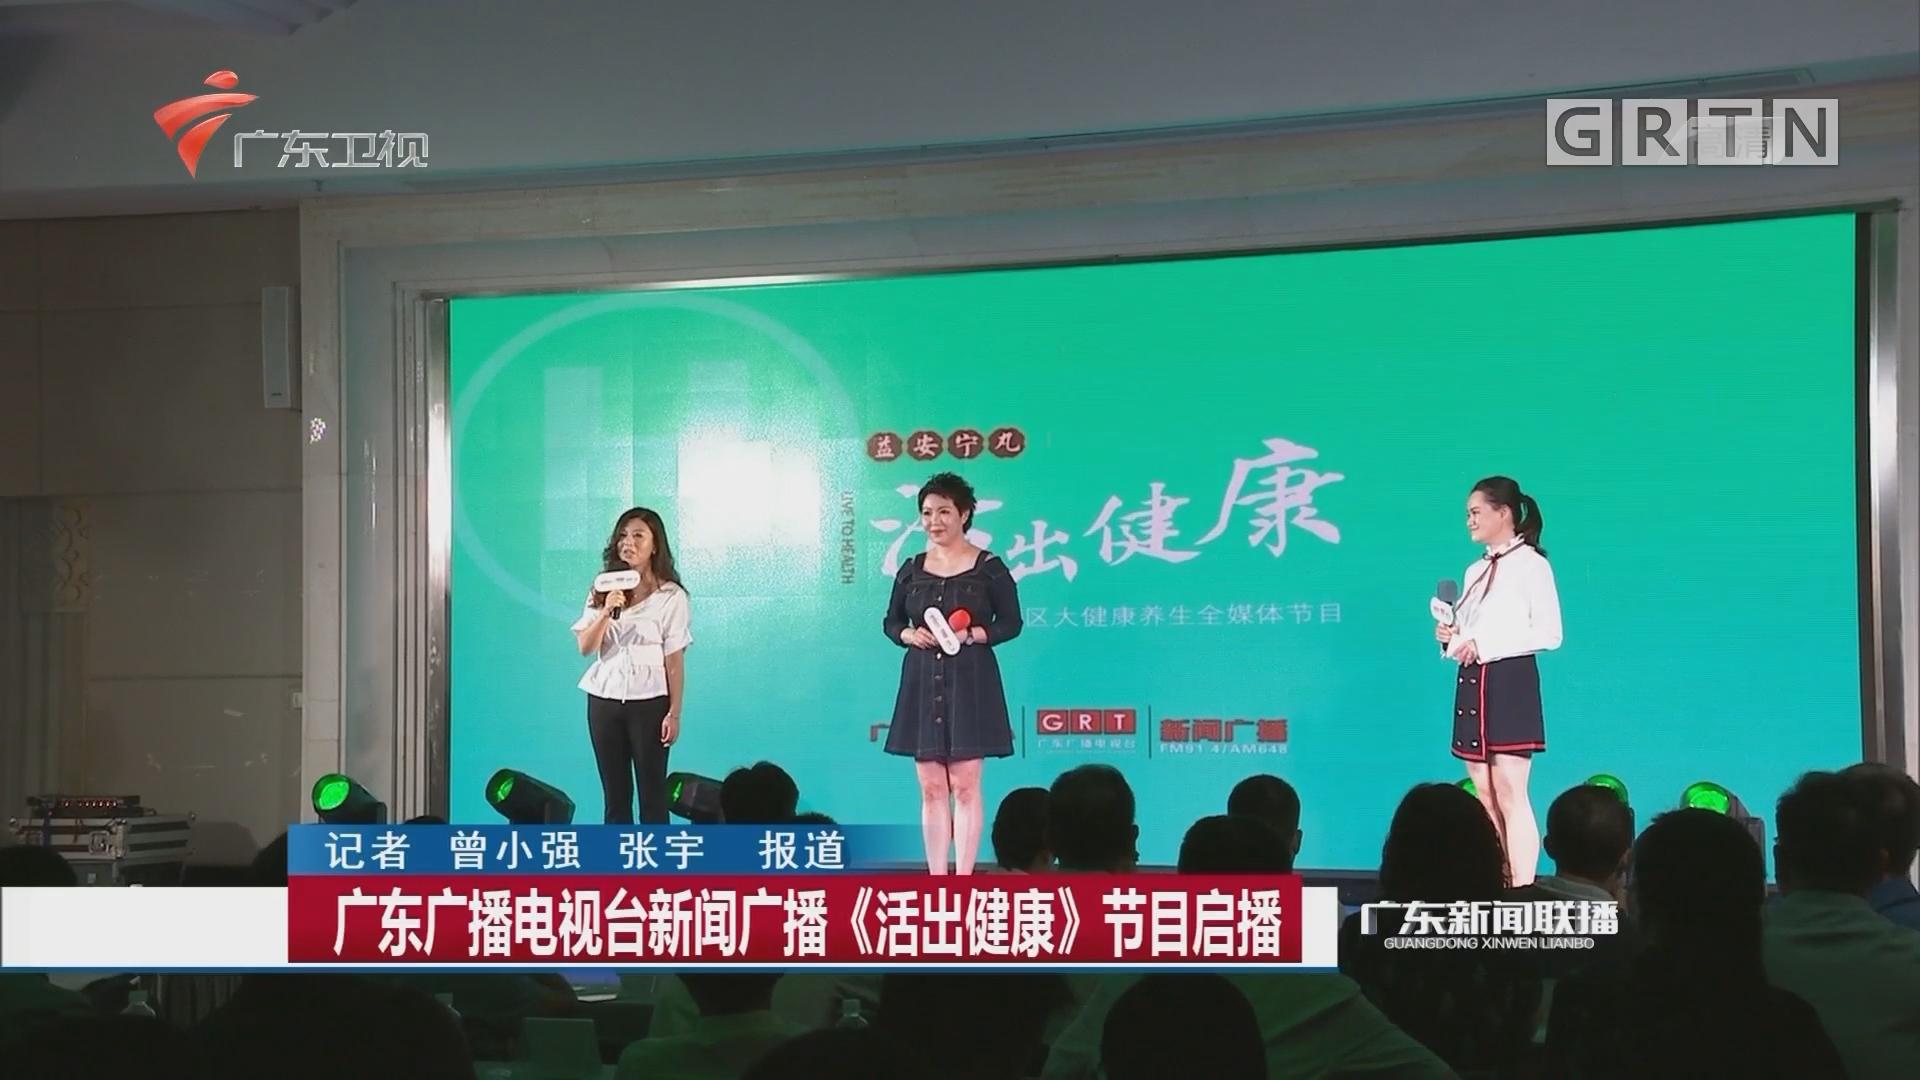 广东广播电视台新闻广播《活出健康》节目启播